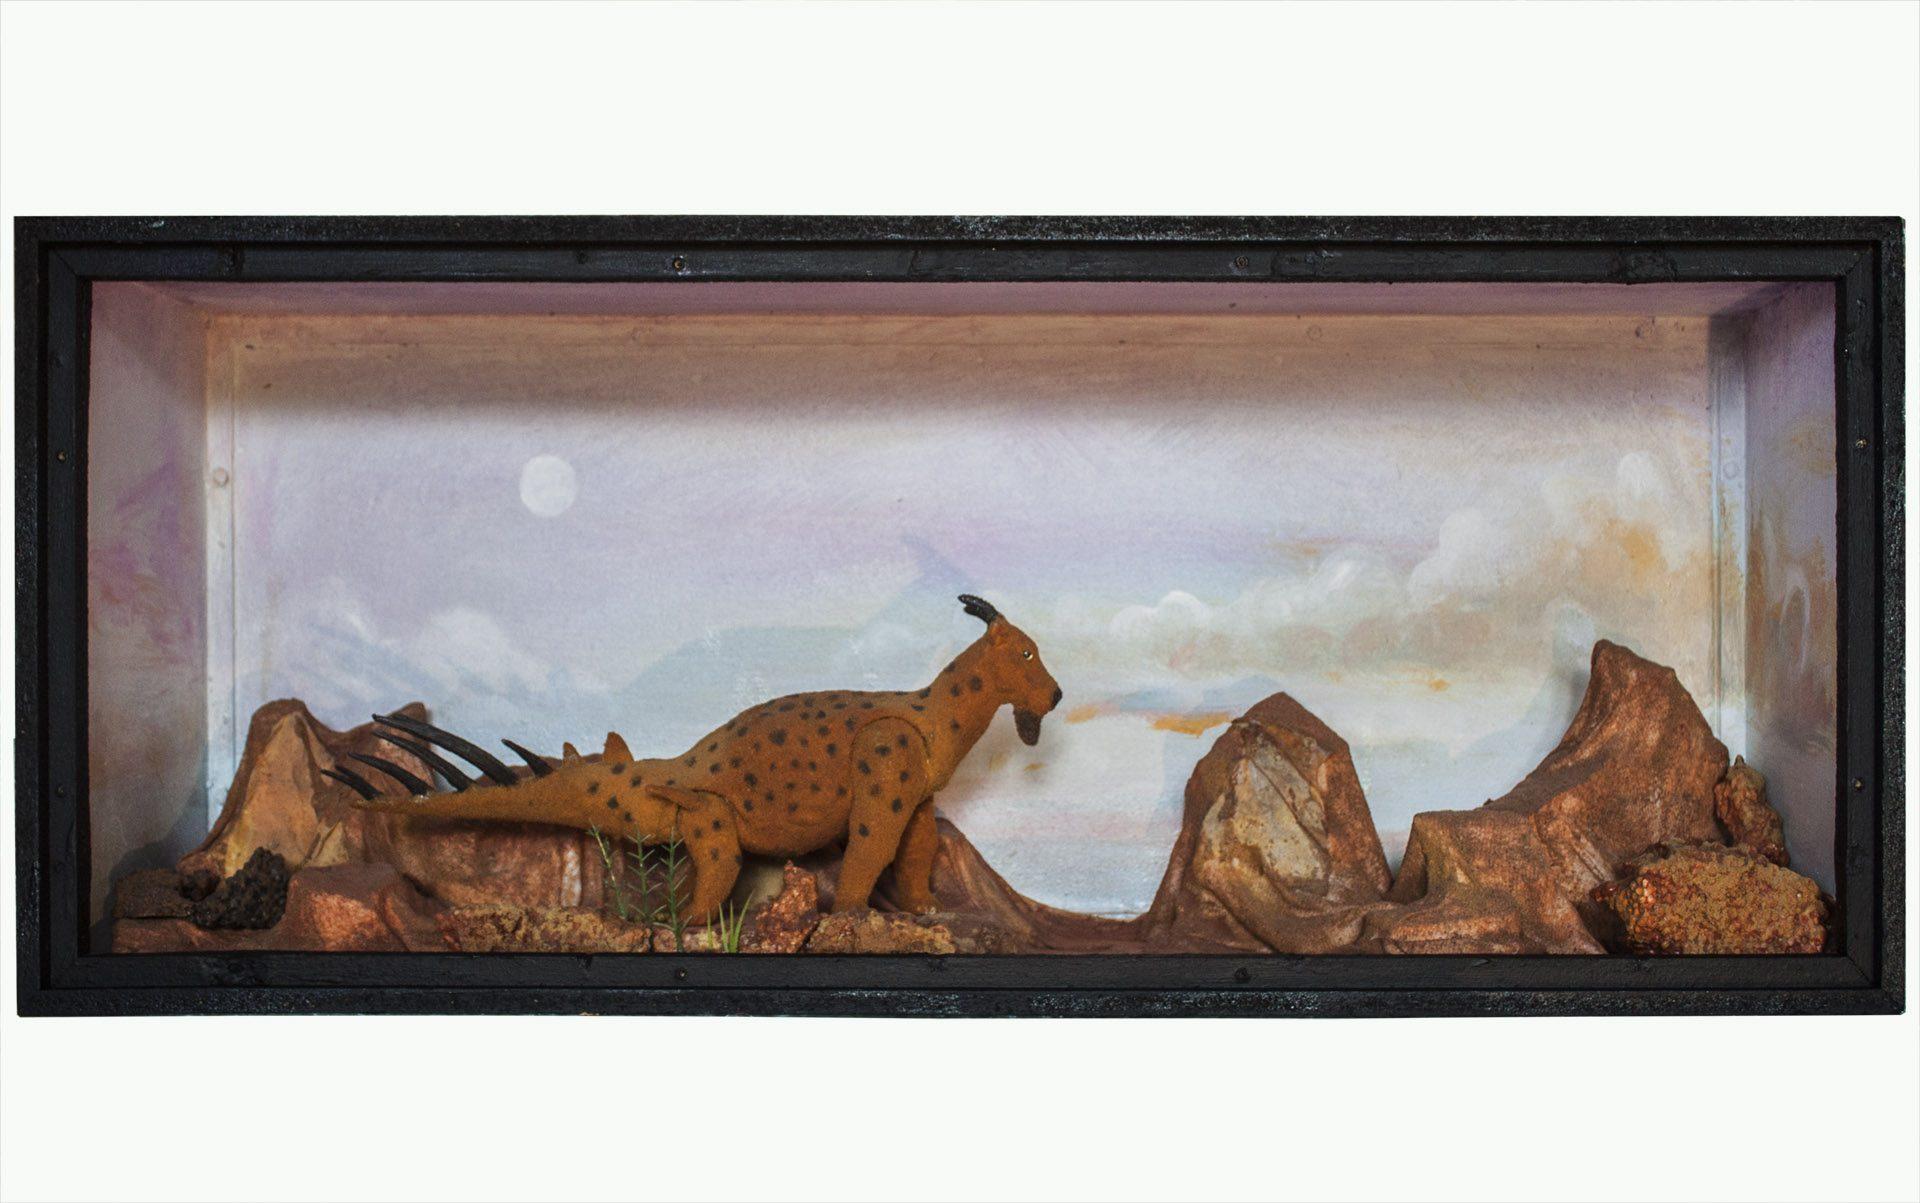 caprisaurus maculosus_1920